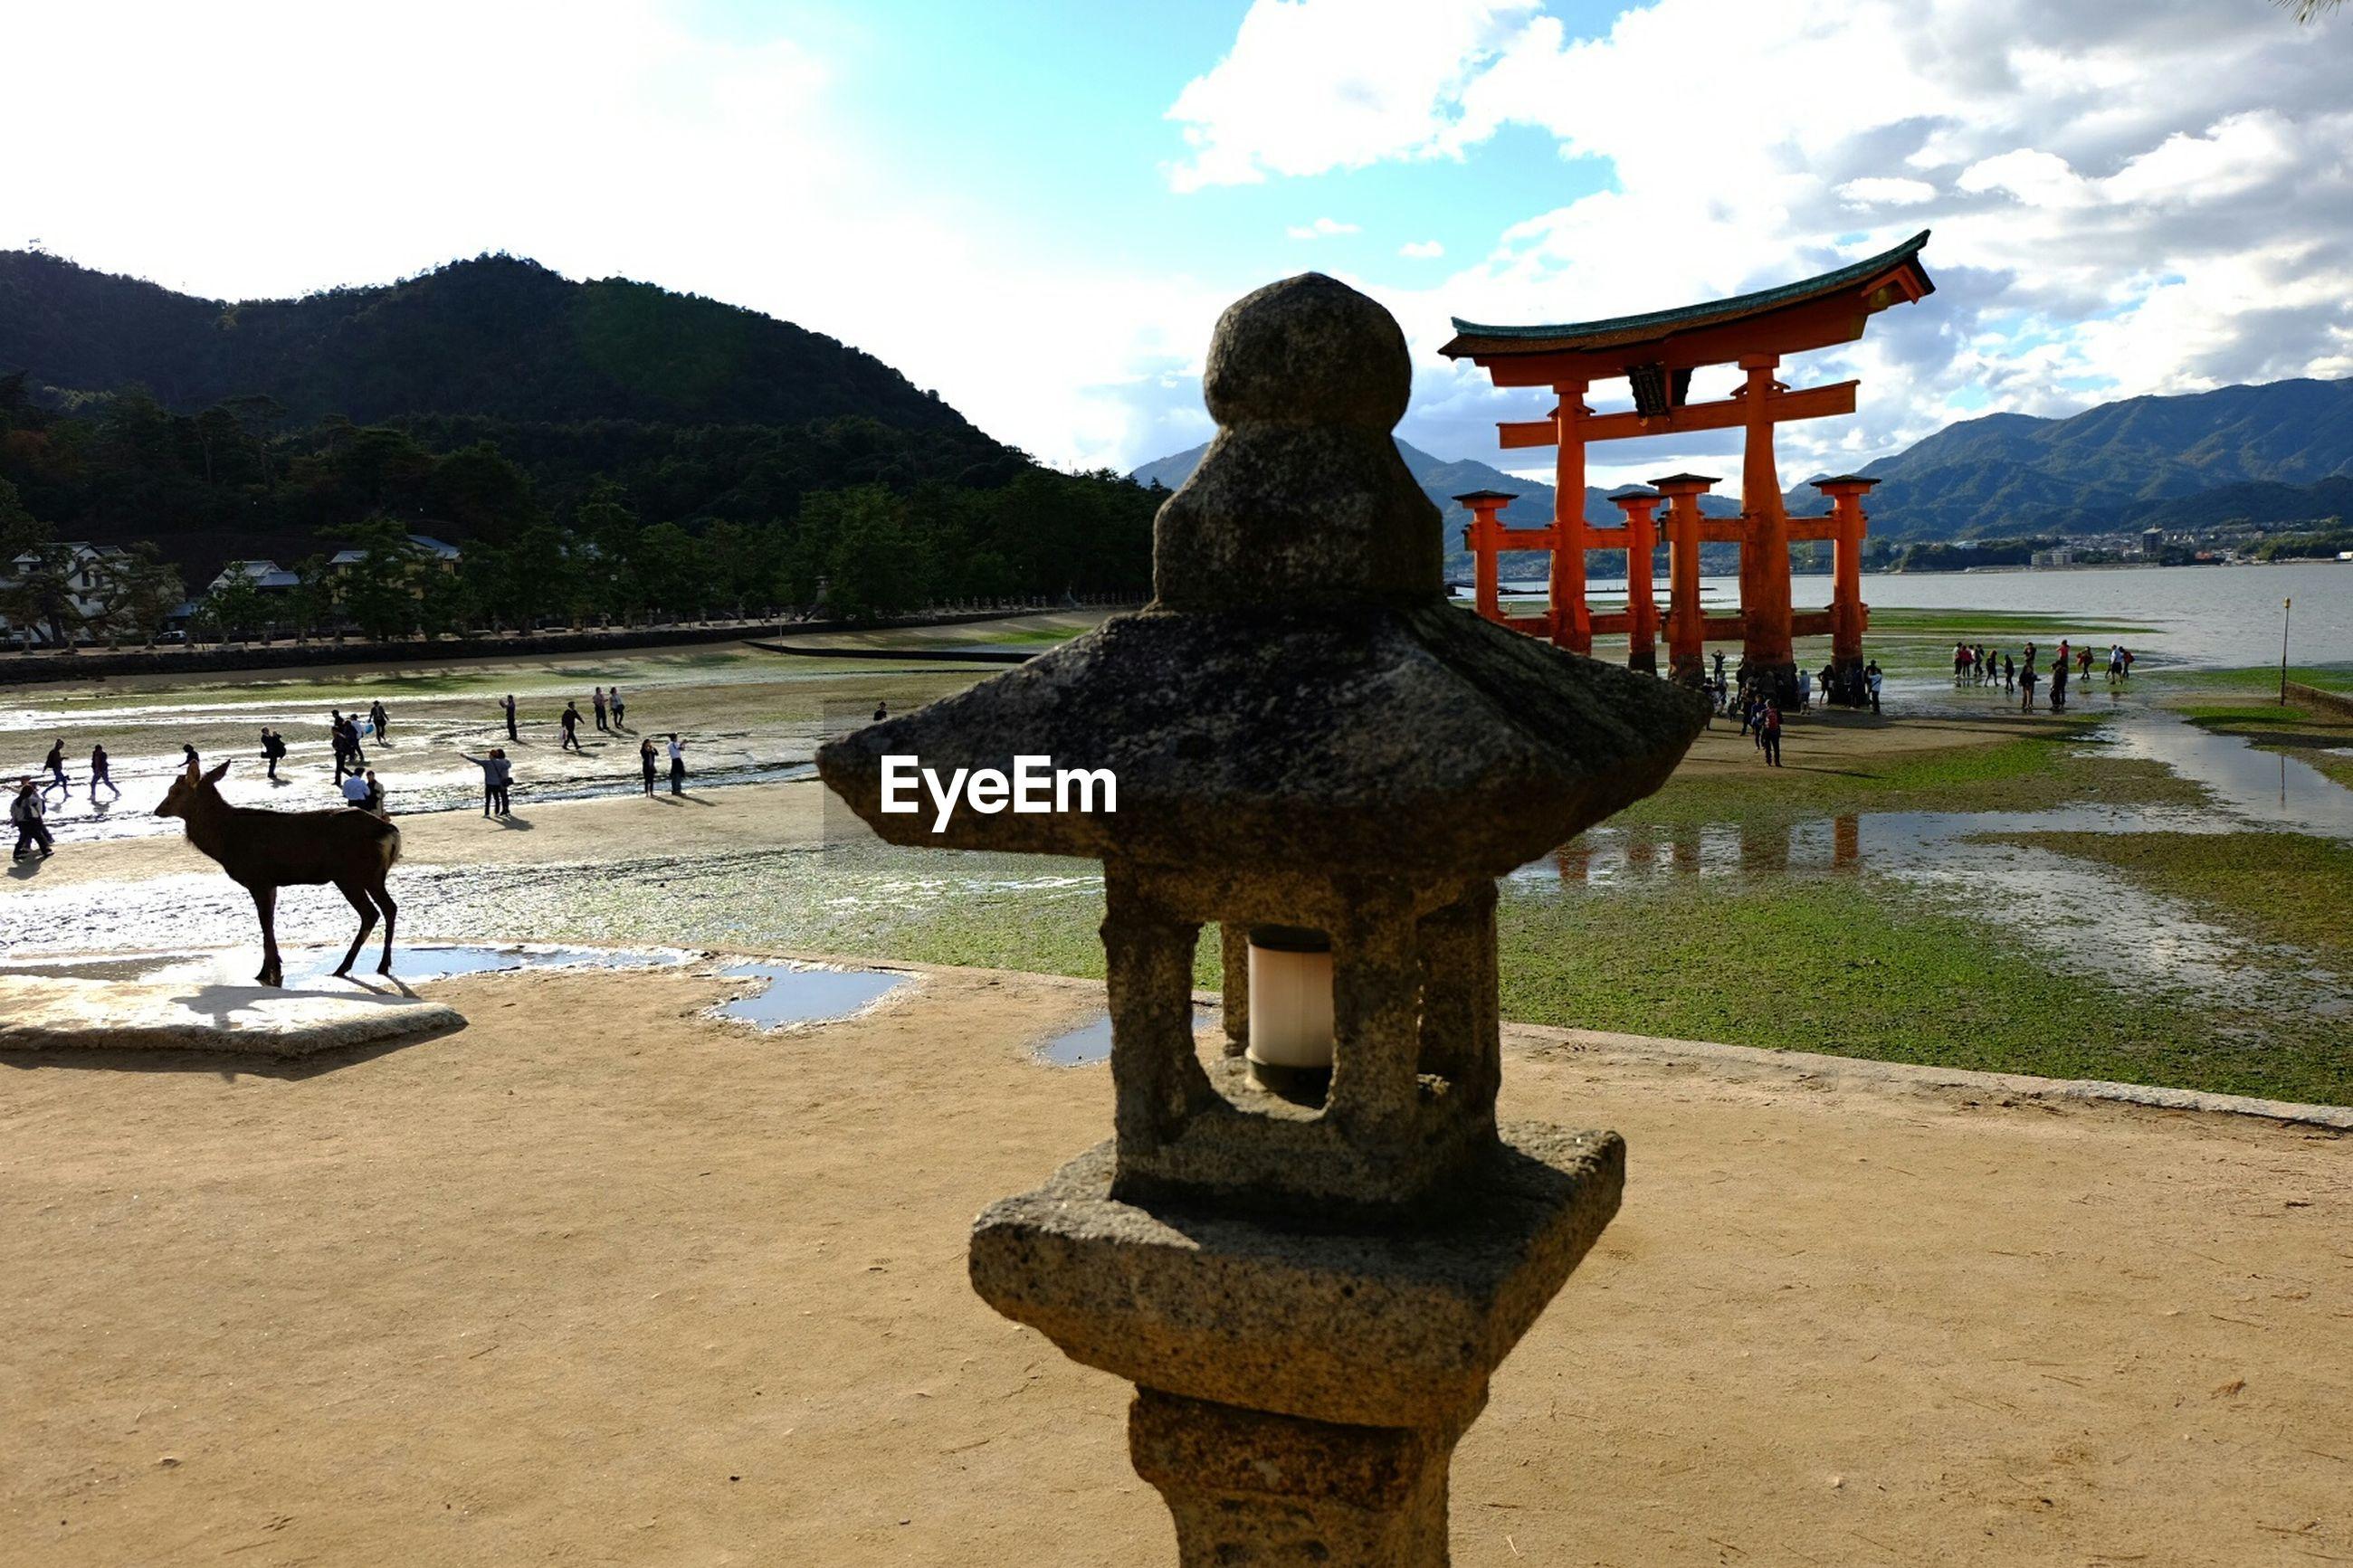 Stone lantern by itsukushima shrine against sky